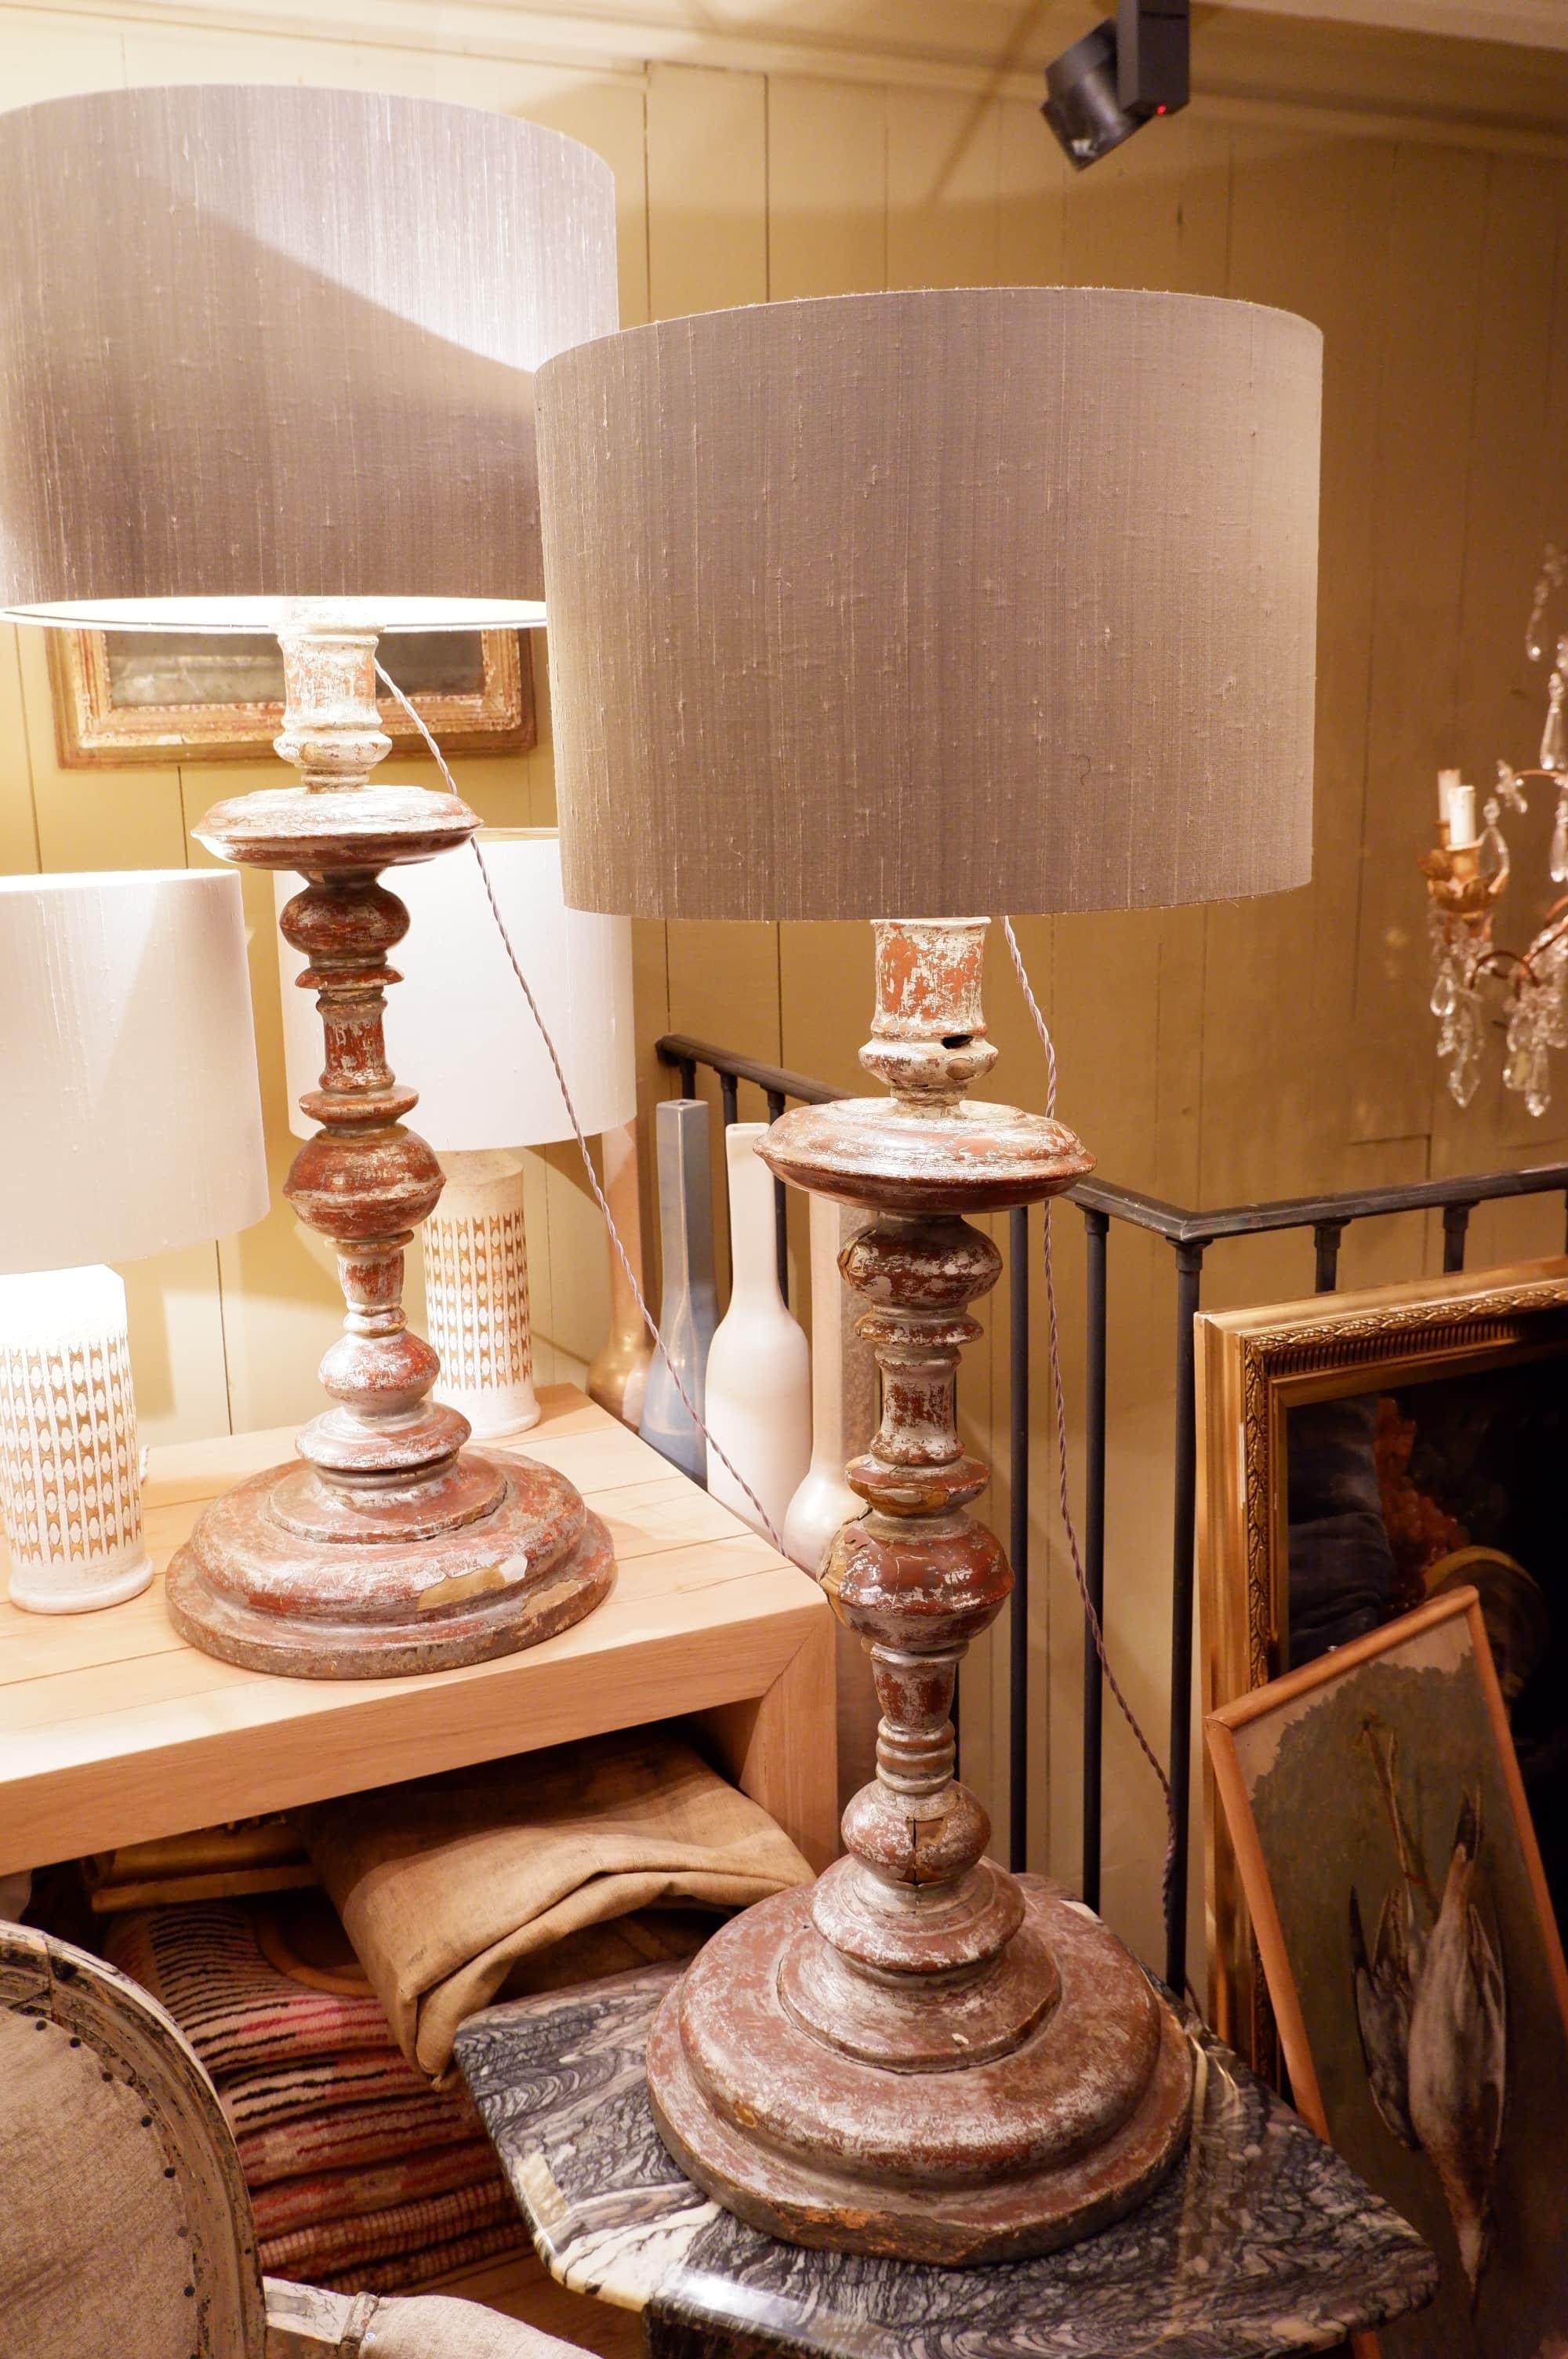 Paire de lampes grands candélabres italien feuille d'argent + Aj soie grise